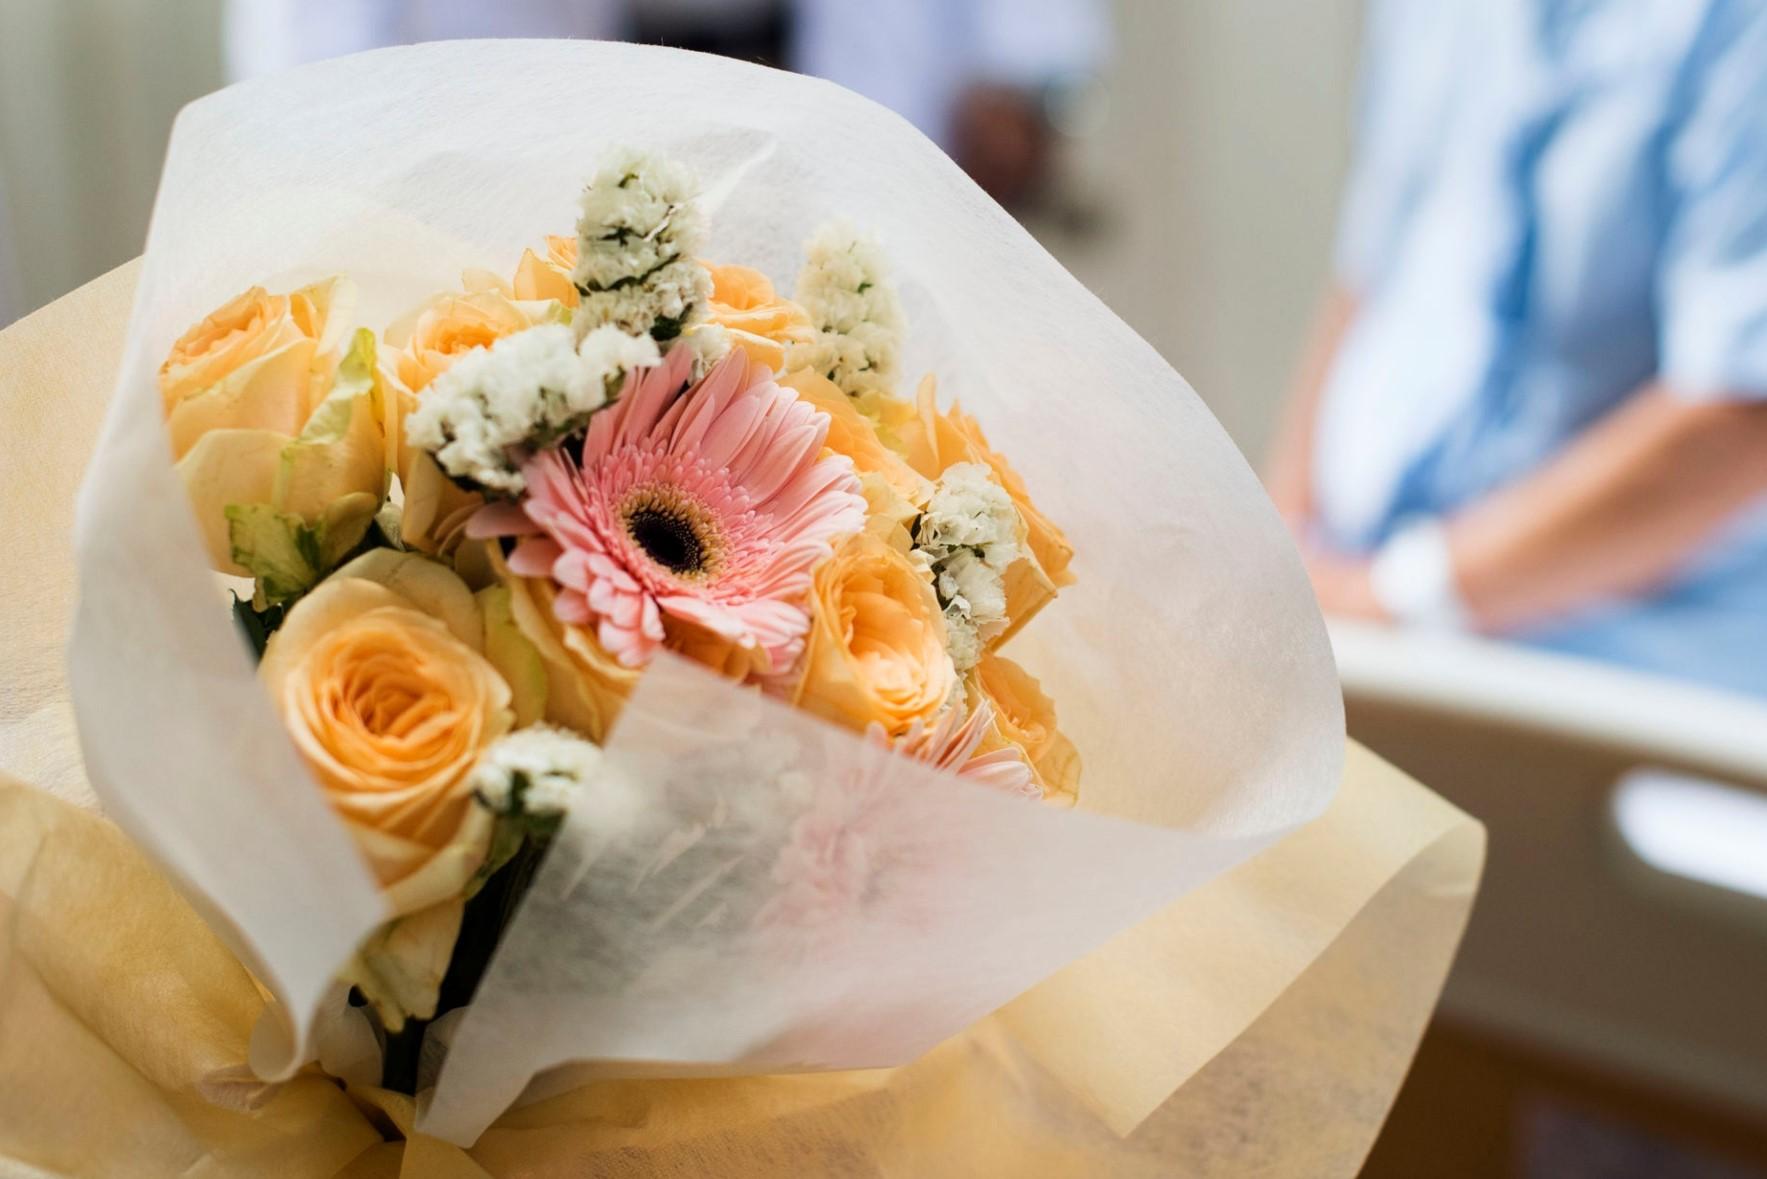 ¿Qué flores elegir para enviar a un hospital?